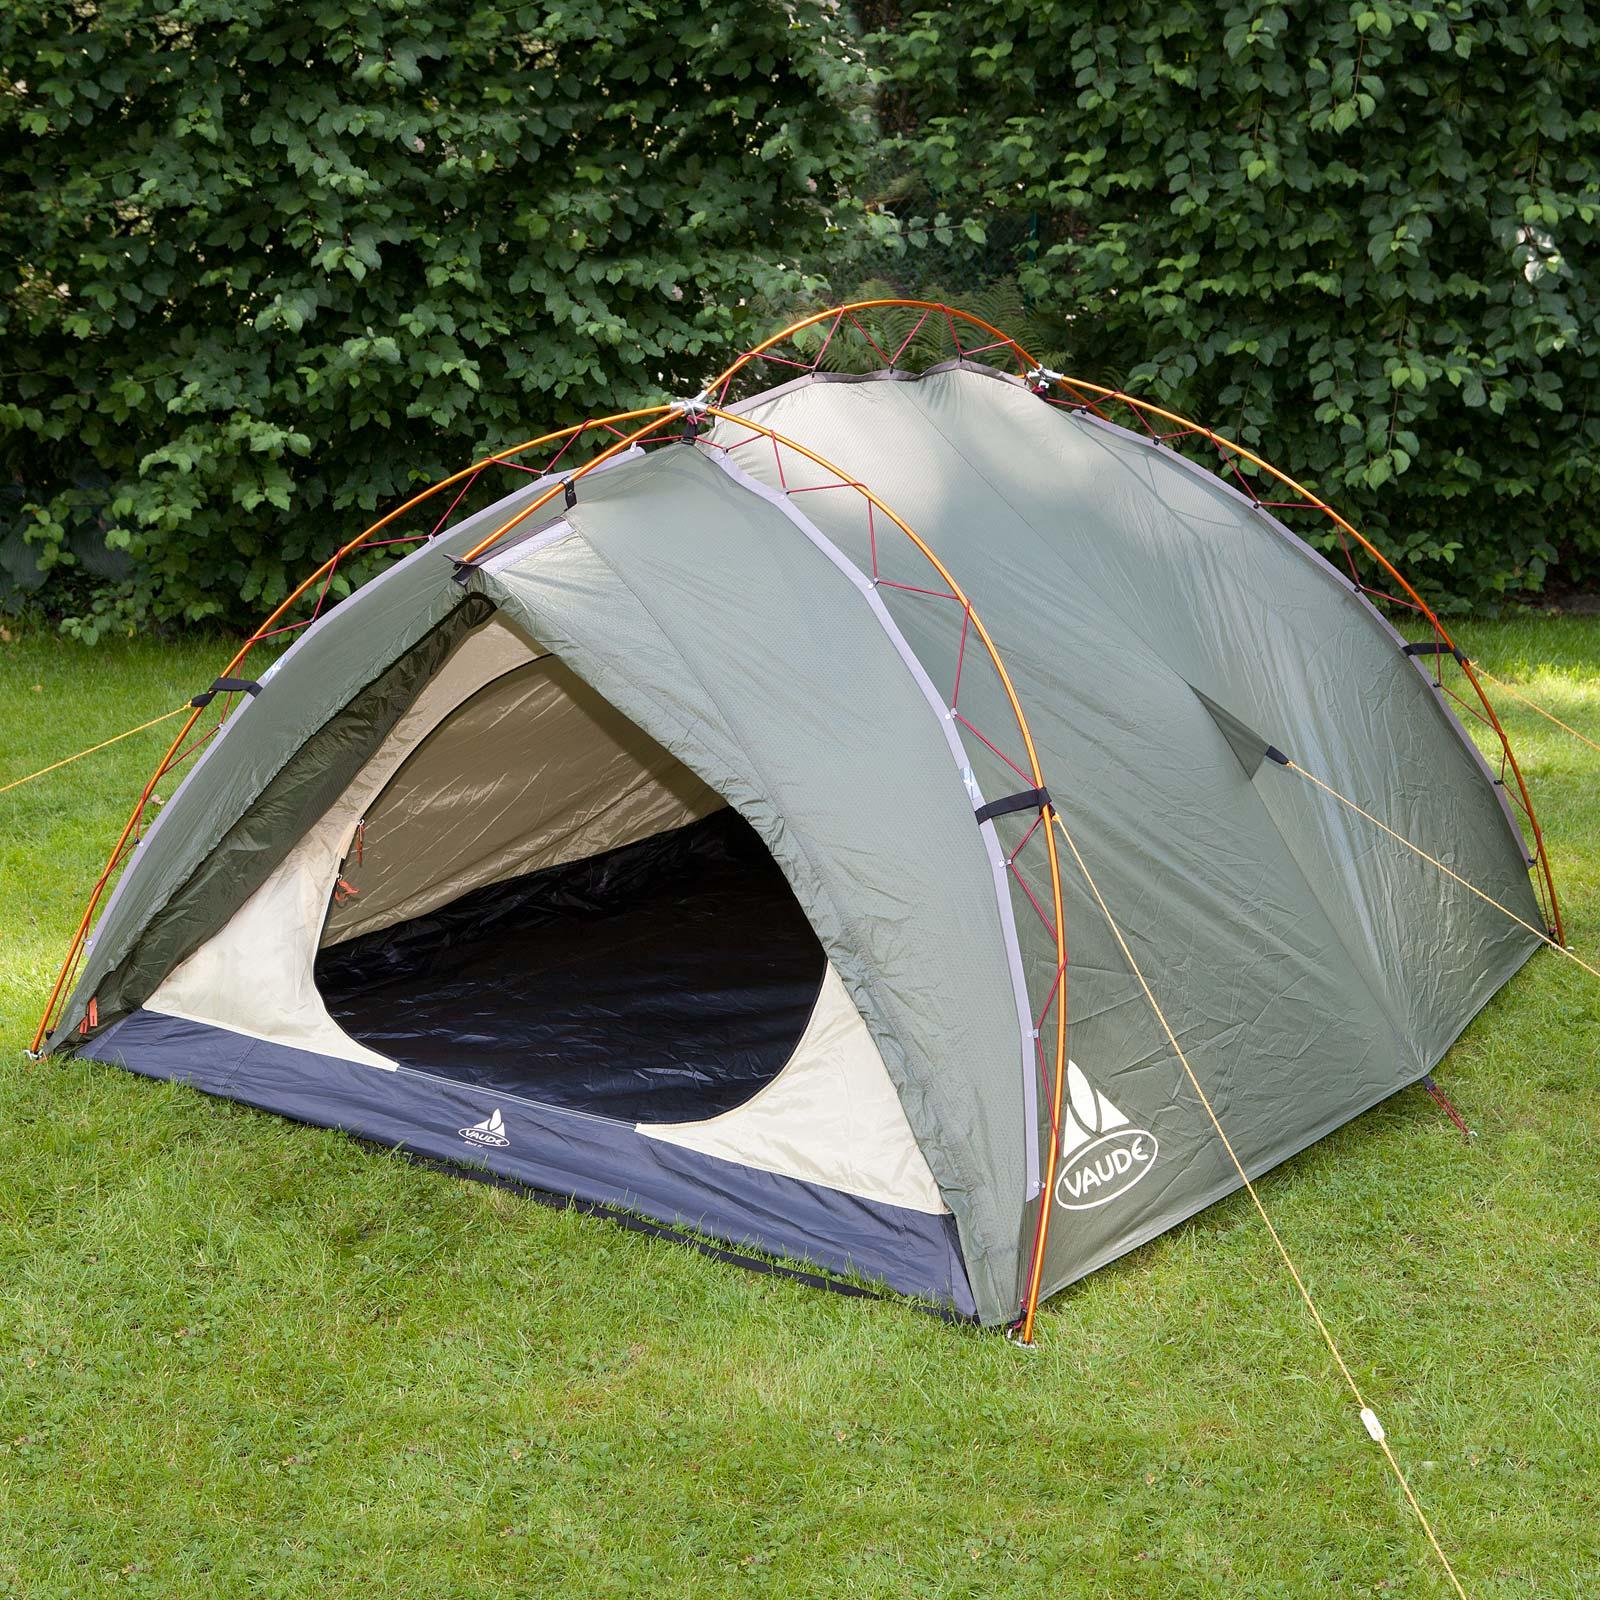 Zelt Vaude 3 Personen : Vaude terraquattro p camping zelt personen grÜn uvp